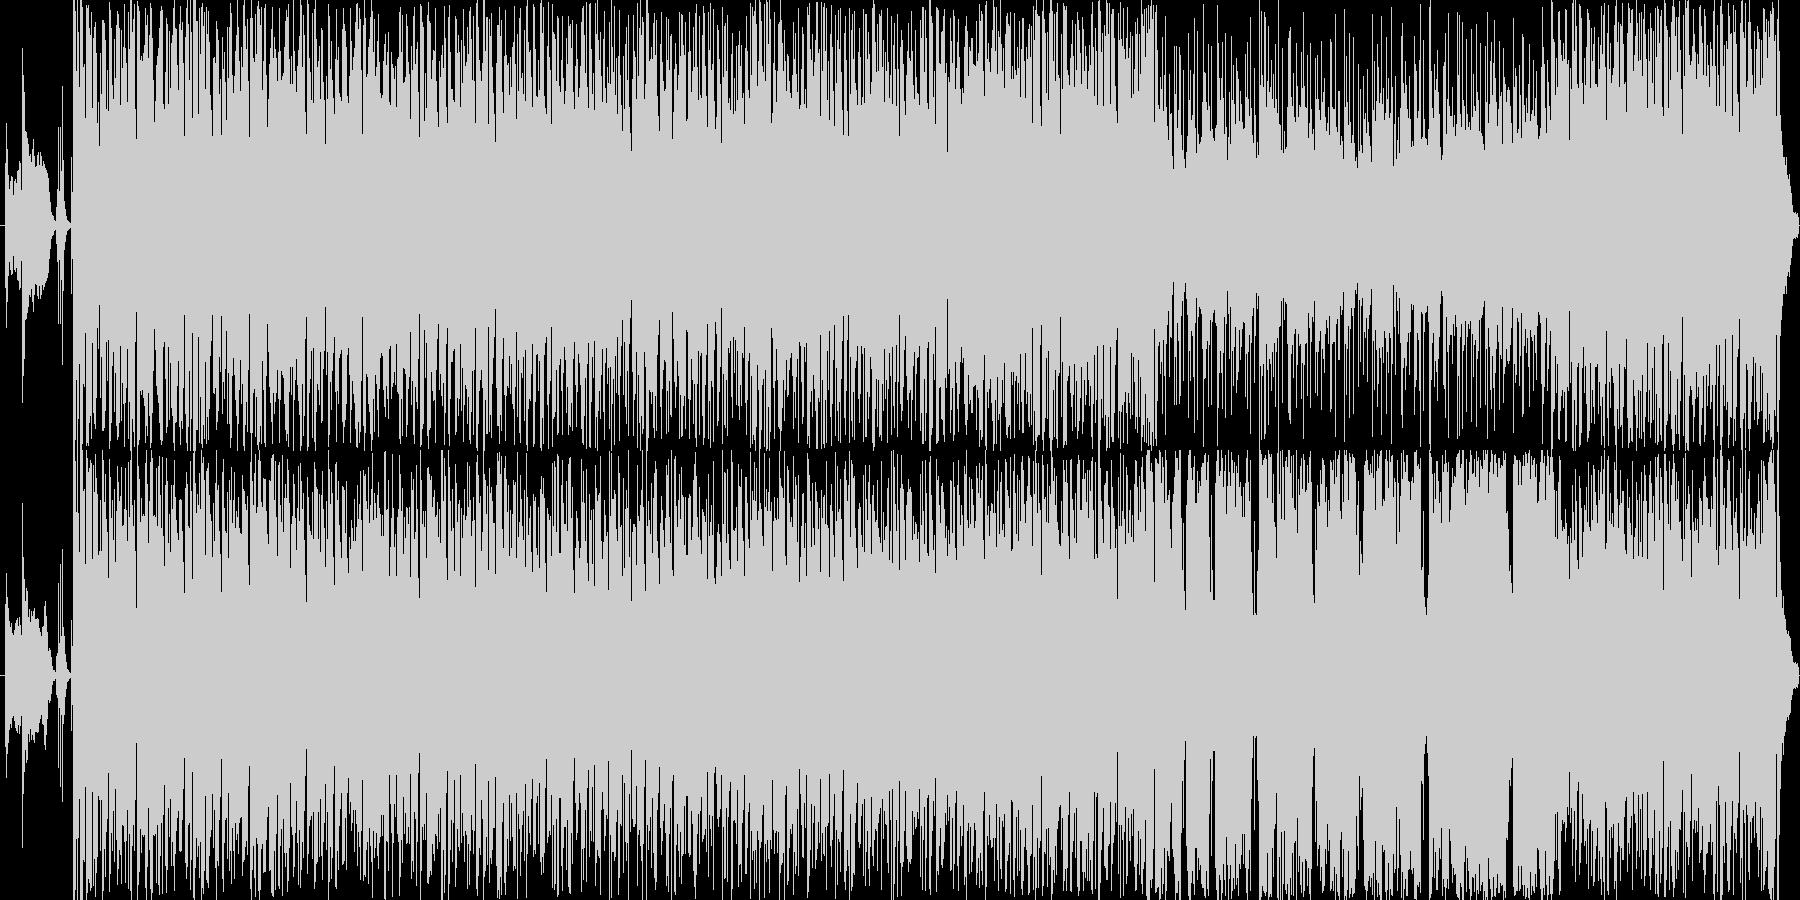 情熱大陸っぽい音の未再生の波形